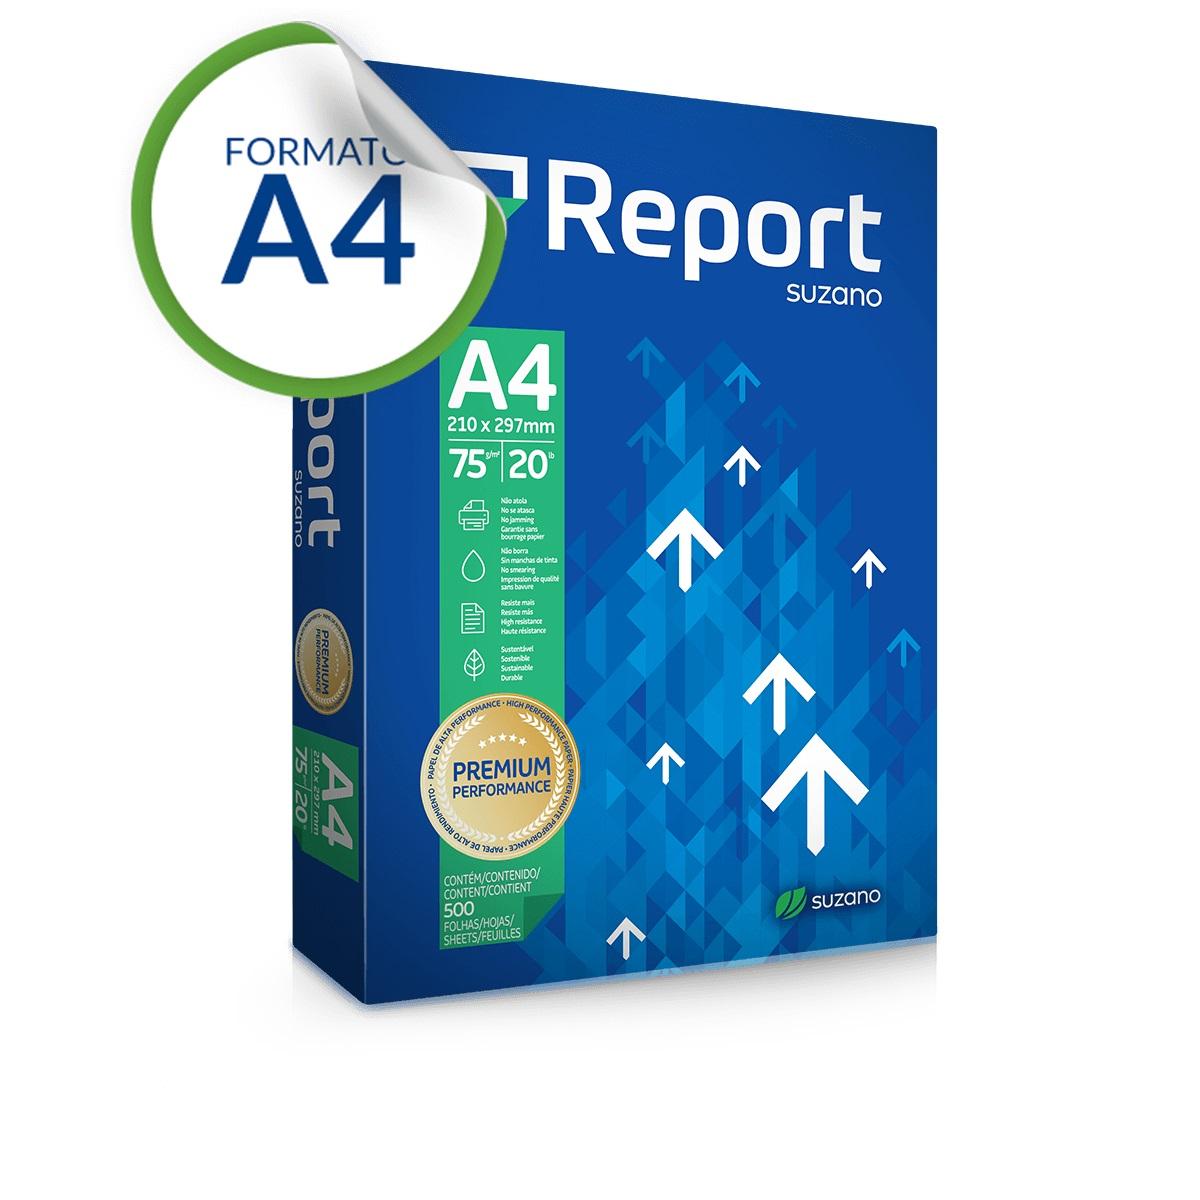 Papel A4 Sulfite Premium 500 folhas 75g 210x297mm - Report